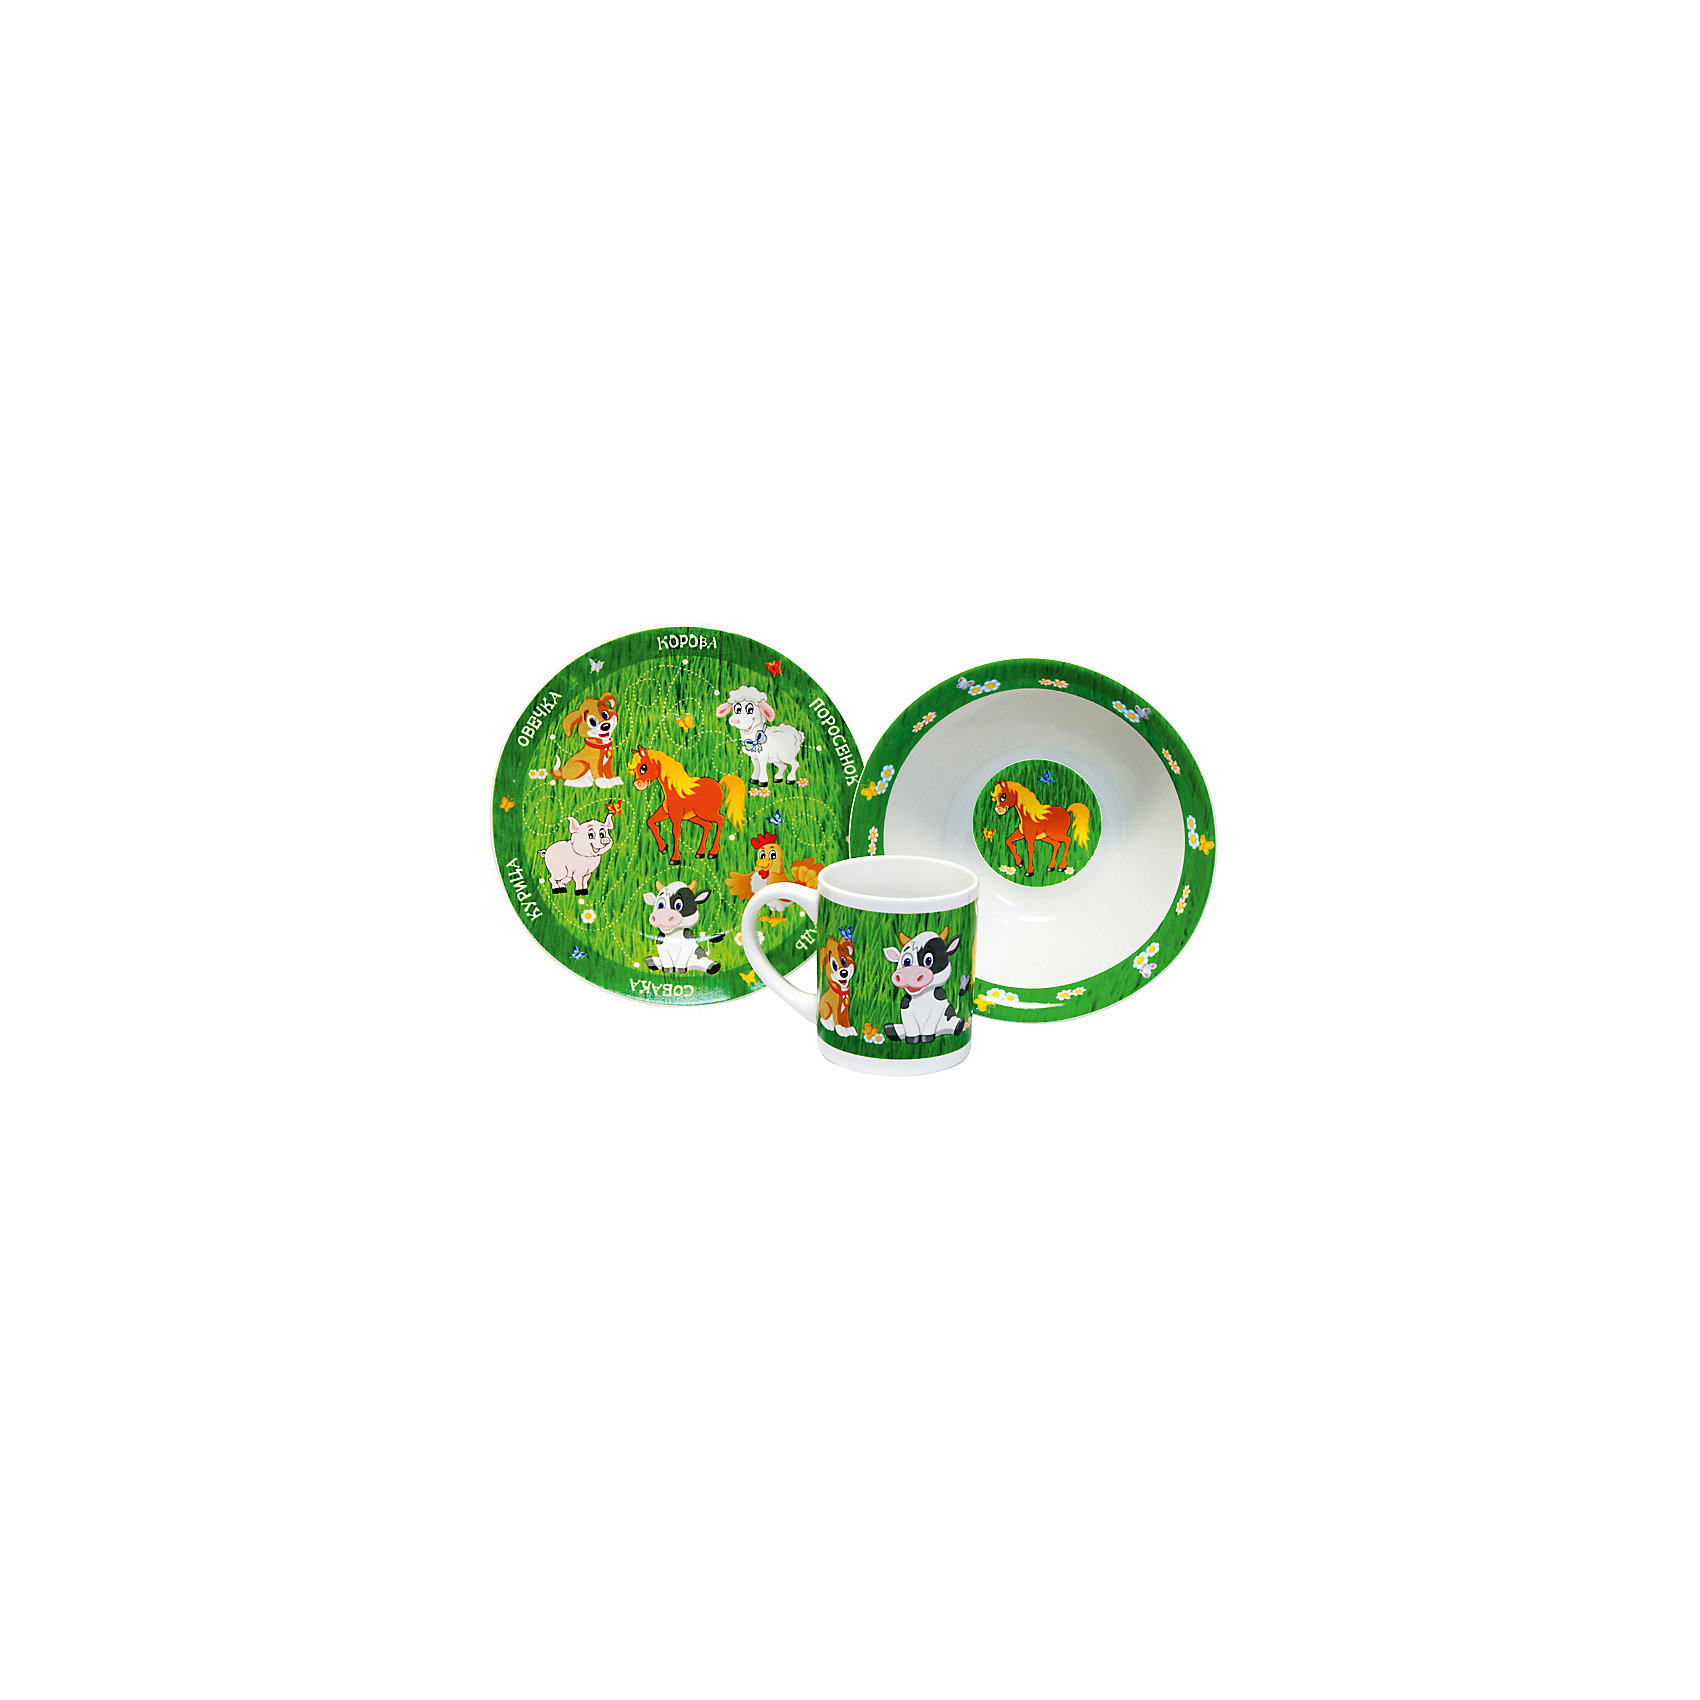 Набор Домашние животные (3 предмета, керамика)Посуда<br>Набор Домашние животные (3 предмета, керамика) – эта яркая красочная посуда поднимет настроение вашему ребенку.<br>Набор красочной детской посуды Домашние животные выполненный из качественной керамики, идеально подойдет для повседневного использования. В комплект входят: кружка с удобной ручкой, суповая тарелка, плоская тарелка для вторых блюд и десертов. Яркий набор выполнен в едином стиле, декорирован изображениями домашних животных. С такой посудой привычная еда станет более вкусной и приятной, а кормление малыша превратится в веселую и интересную игру.<br><br>Дополнительная информация:<br><br>- В наборе: кружка, суповая тарелка, тарелка<br>- Материал: керамика<br>- Диаметр плоской тарелки для вторых блюд и десертов: 19 см.<br>- Диаметр суповой тарелки: 18 см.<br>- Объем кружки: 240 мл.<br>- Упаковка: подарочная коробка<br>- Размер упаковки: 25 x 8,5 x 20 см.<br>- Вес: 912 гр.<br>- Пригодна для мытья в посудомоечной машине<br><br>Набор Домашние животные (3 предмета, керамика) можно купить в нашем интернет-магазине.<br><br>Ширина мм: 250<br>Глубина мм: 85<br>Высота мм: 200<br>Вес г: 912<br>Возраст от месяцев: 36<br>Возраст до месяцев: 144<br>Пол: Унисекс<br>Возраст: Детский<br>SKU: 4606788